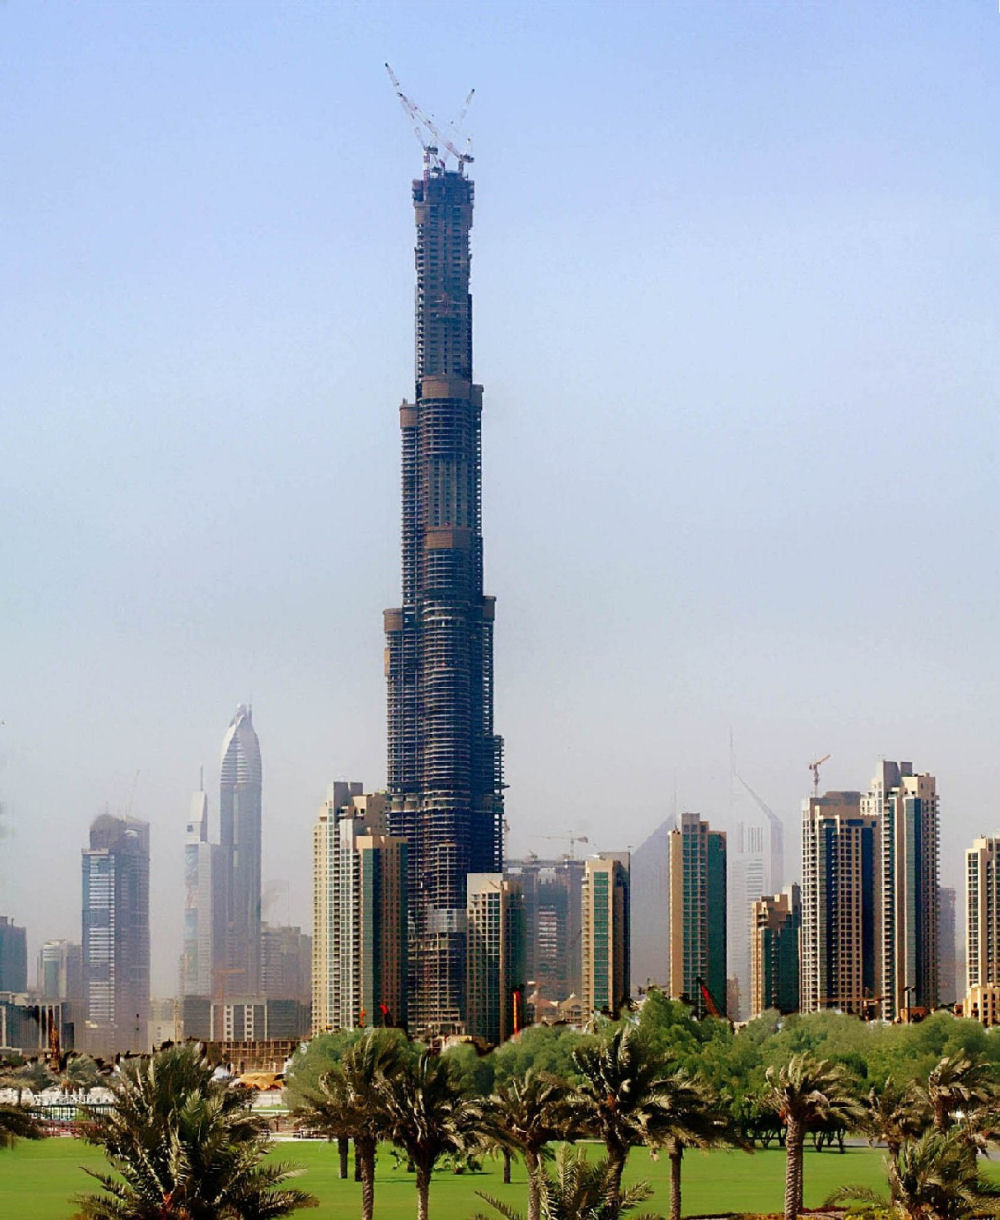 Les 6 plus grand gratte ciel du monde - Gratte ciel le plus haut du monde ...